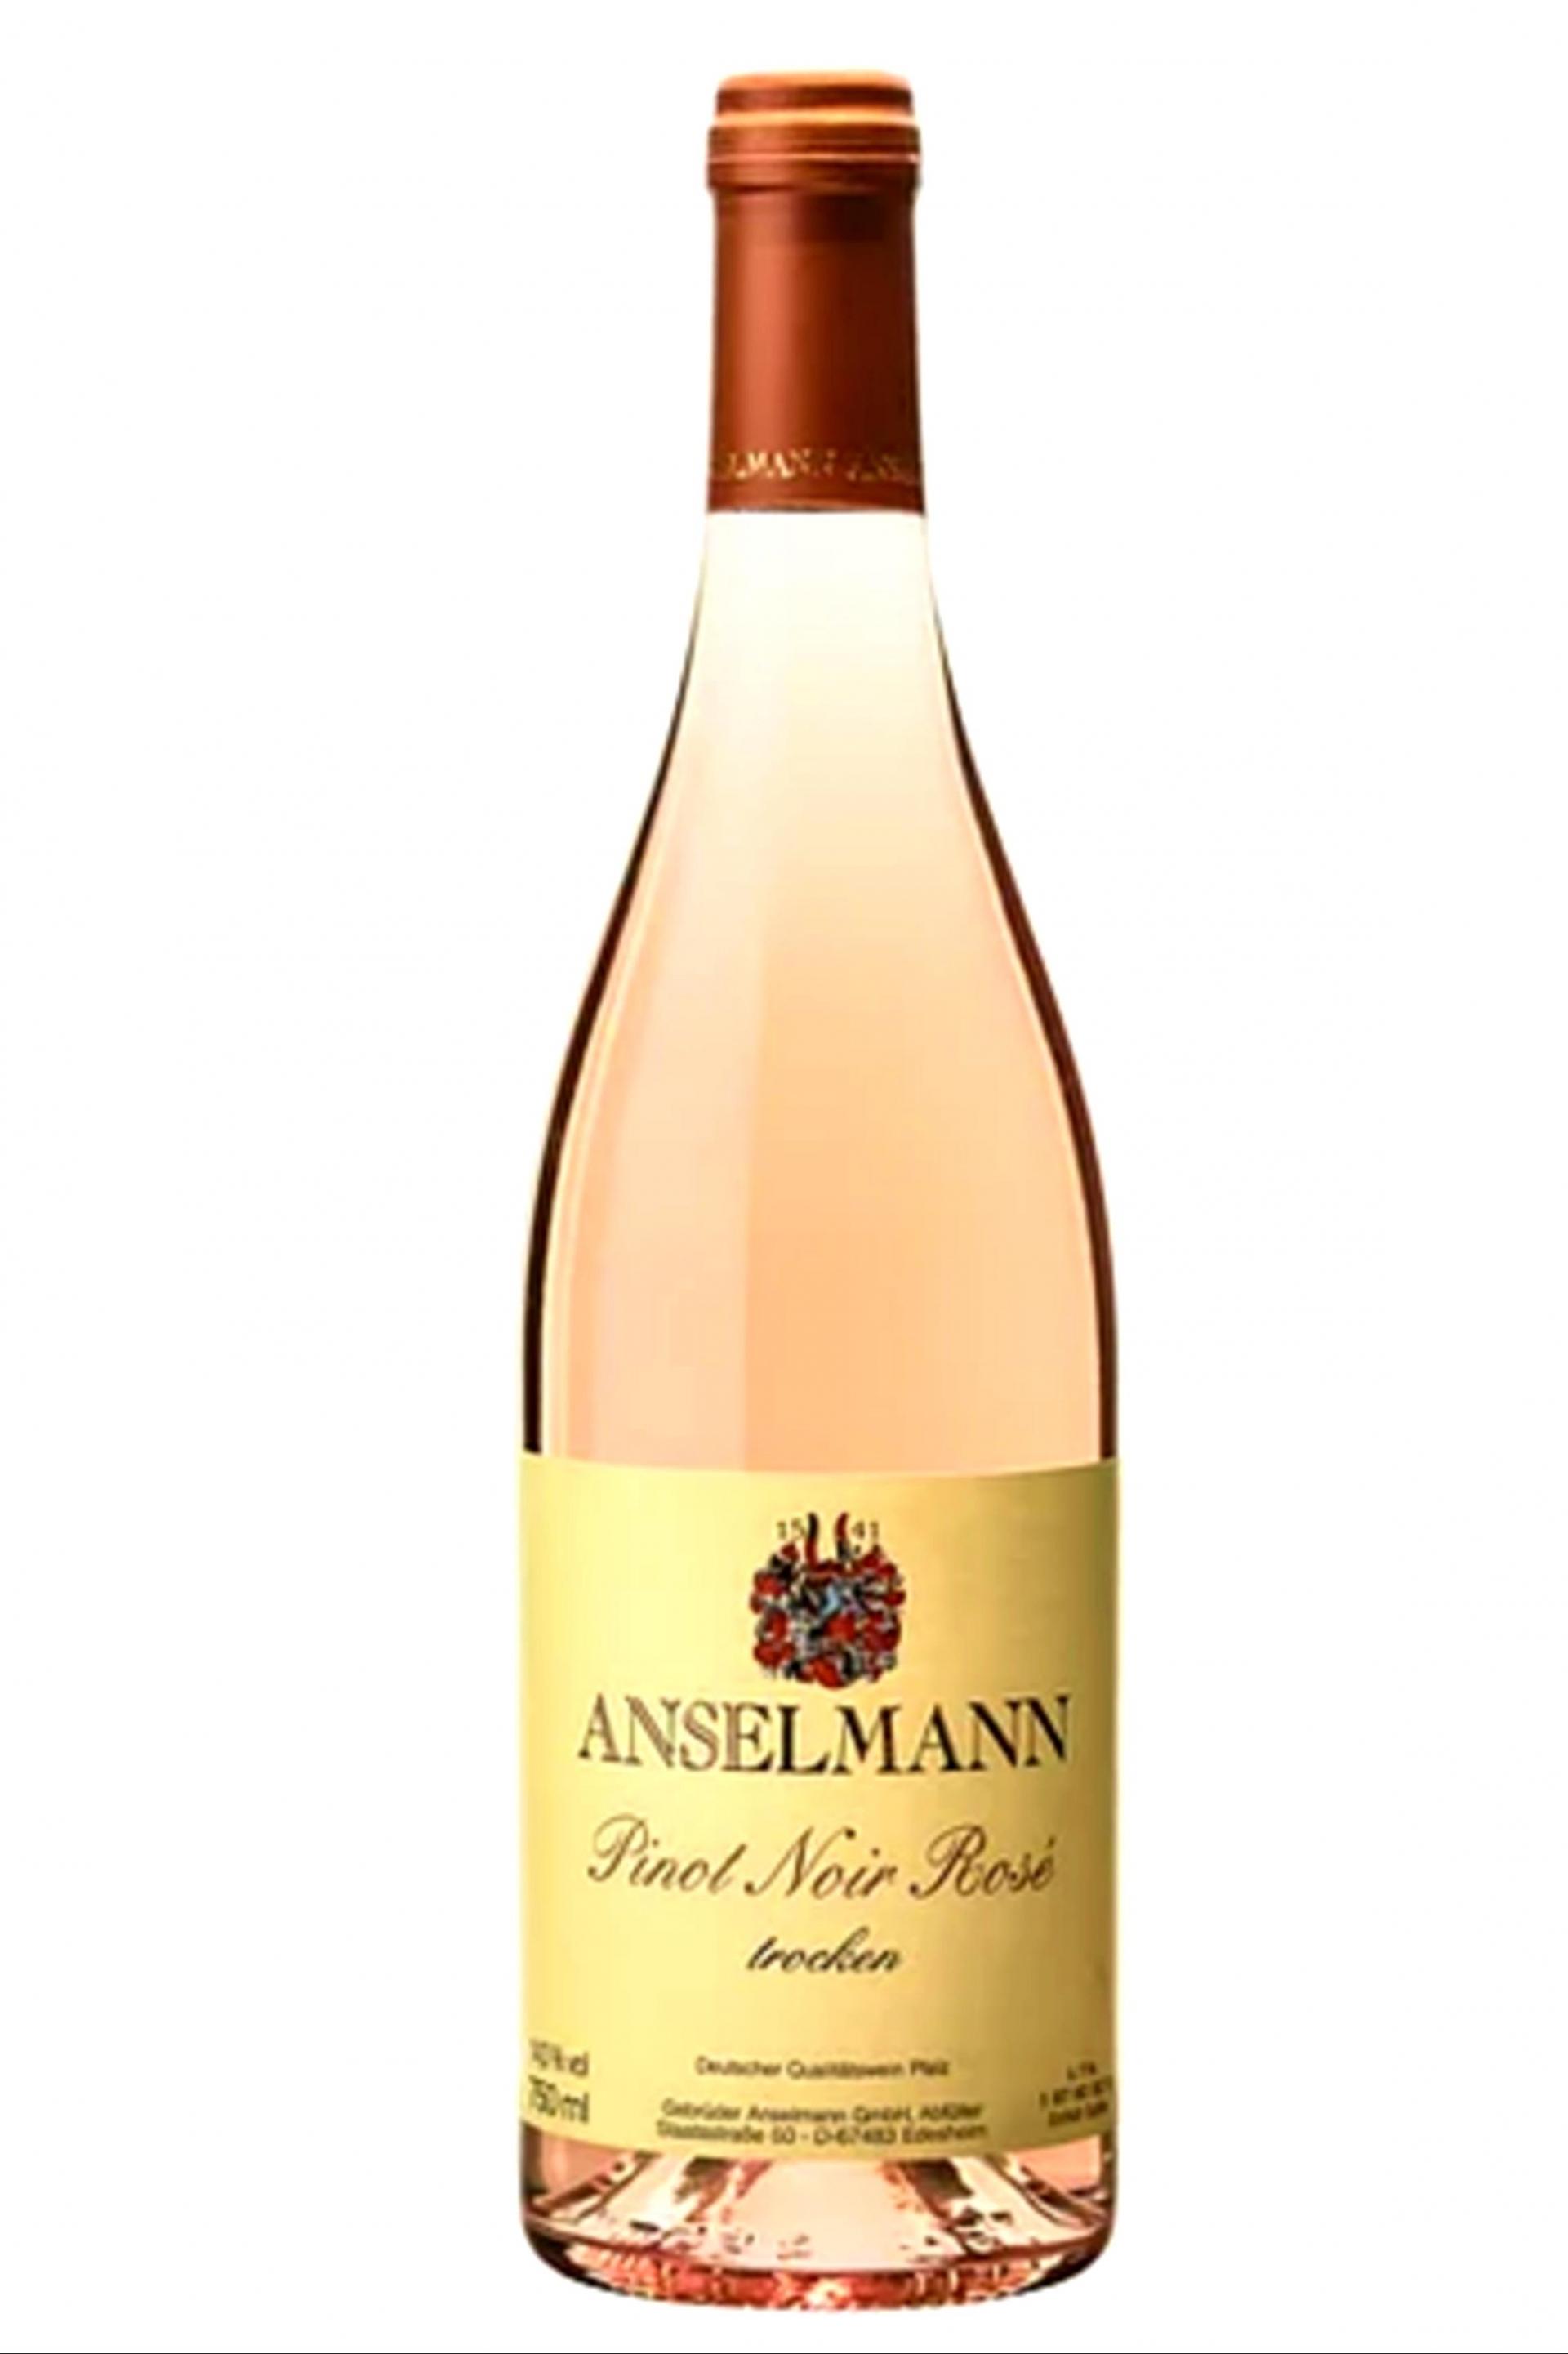 Anselmann Pinot Noir Rosé Trocken 750ml